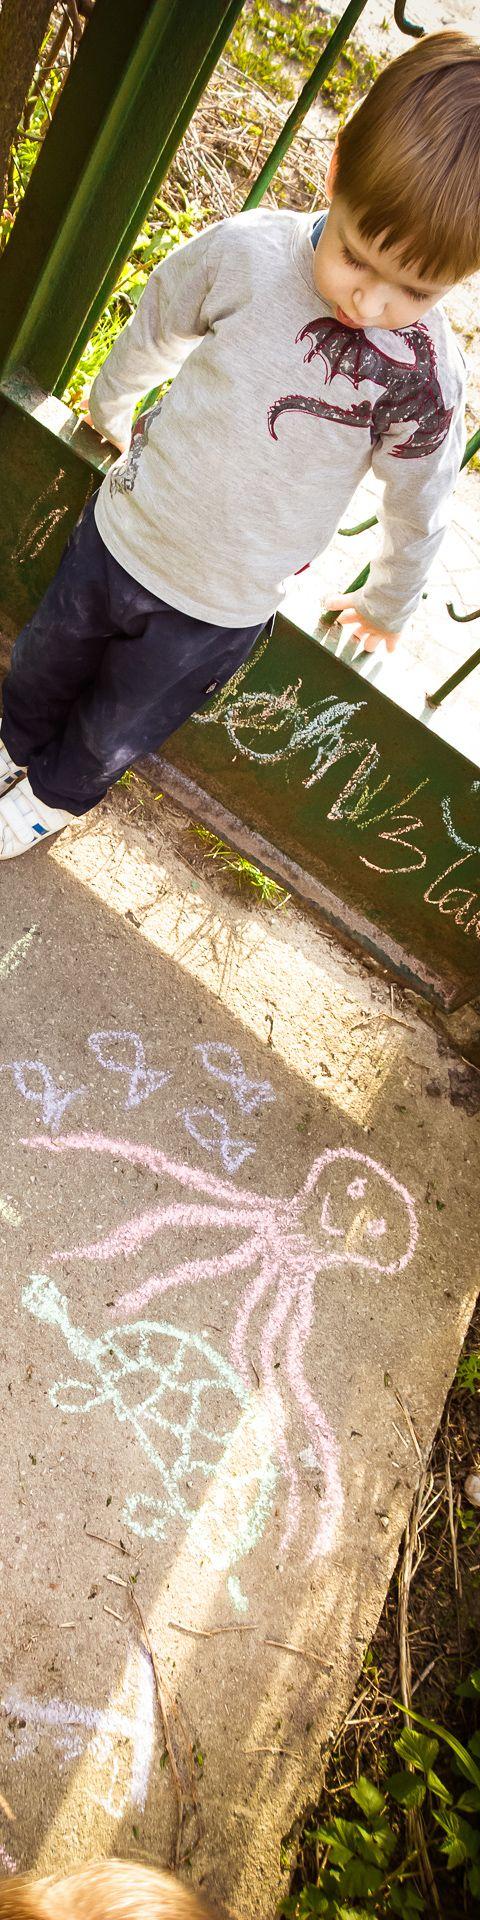 Wesołe rysowanie :) #dzieci #nokia #lumia1020. Cała galeria ze smartfona: http://www.snaphub.pl/galerie/nokia-lumia-1020-najlepszy-fotograficzny-smartfon